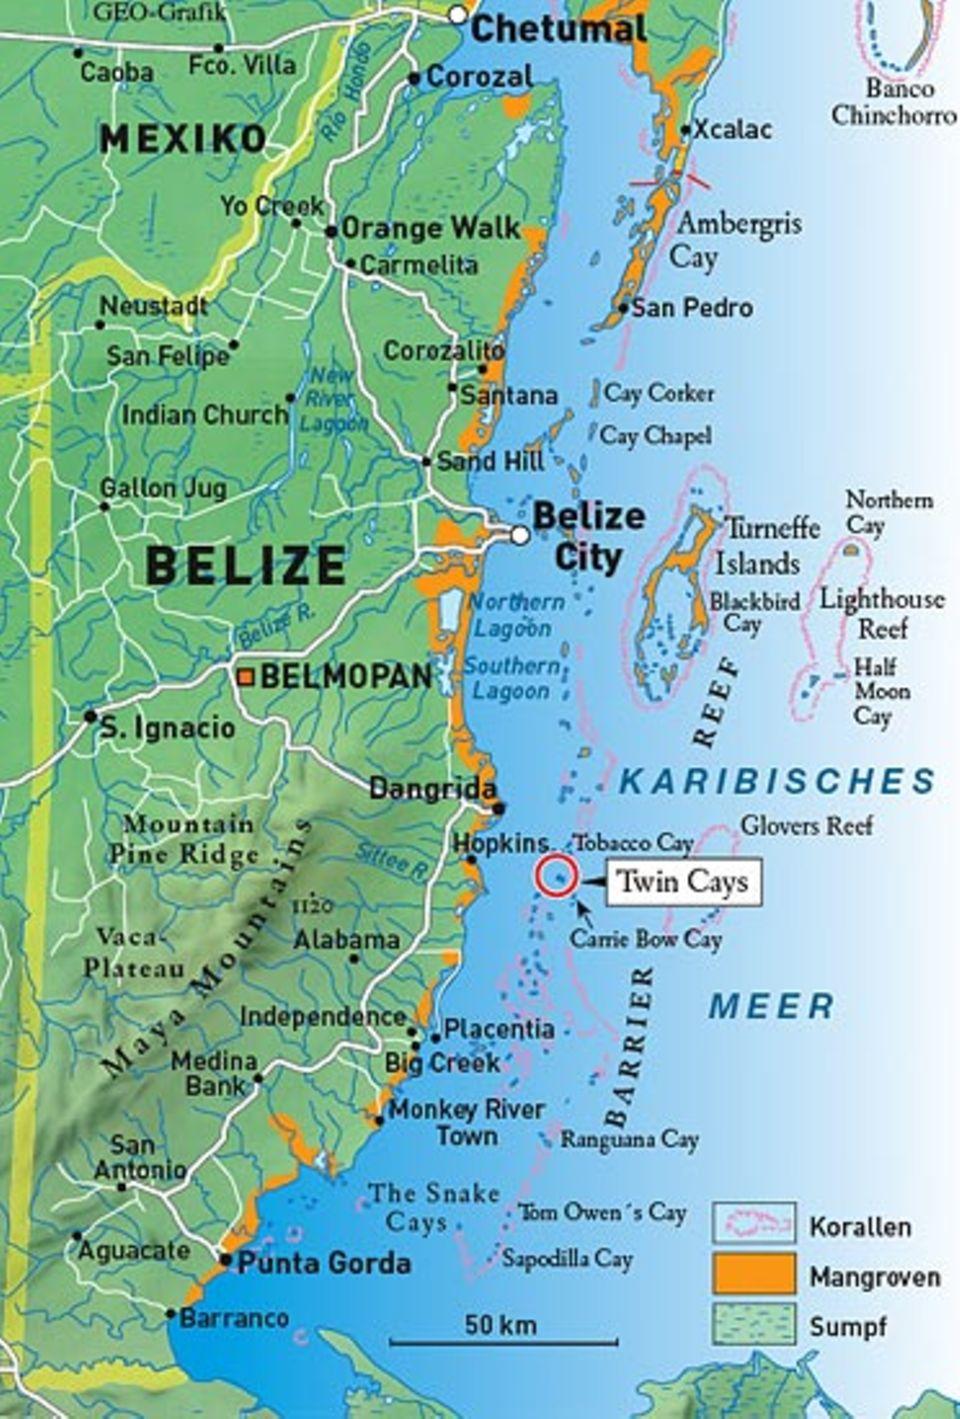 Vor der Küste von Belize dehnt sich ein 220 Kilometer langes Barriere-Riff. Auf dieser Plattform haben sich über 1000 Inseln gebildet